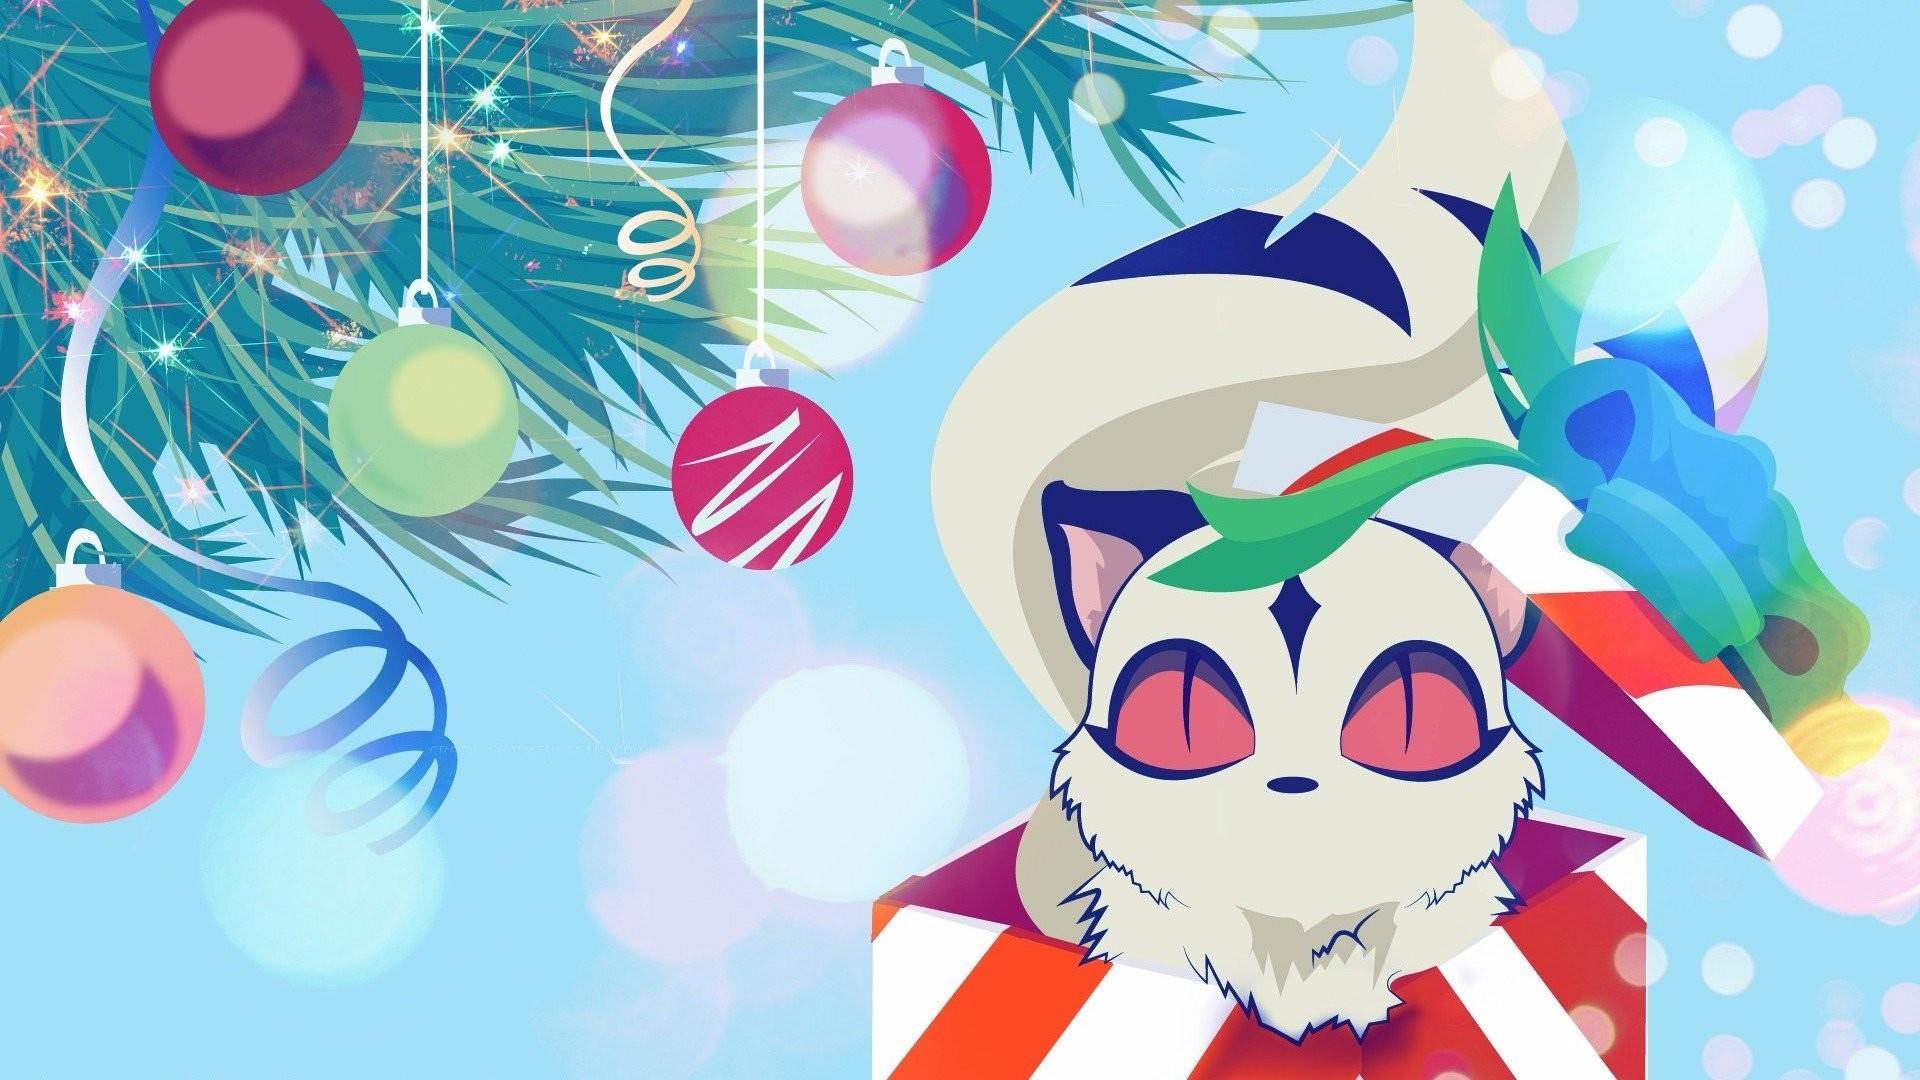 Anime Christmas Wallpaper Anime Christmas Wallpapers Anime Christmas  Wallpaper anime christmas wallpaper kirara manga walls …